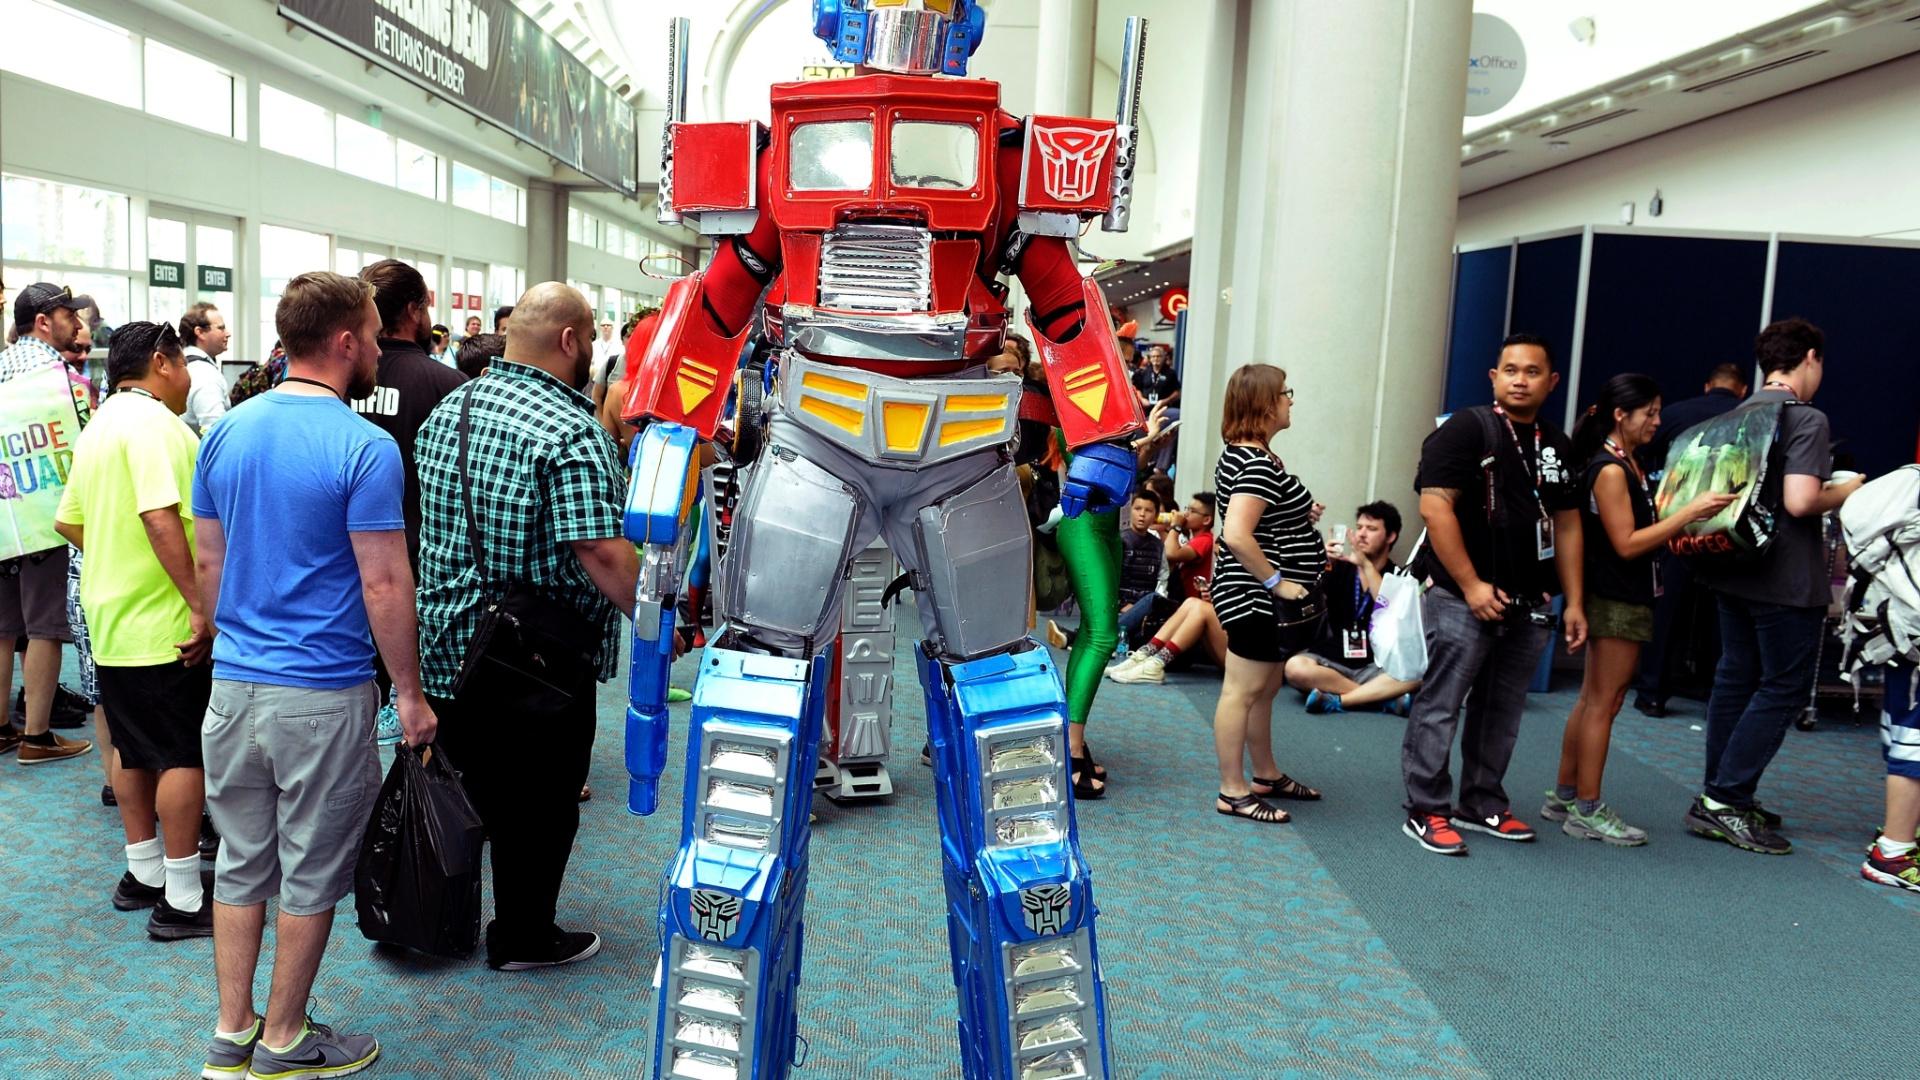 23.jul.2016 - Esse Optimus Prime está com as pernas um tanto grandes, mas deve ser por isso que ele consegue correr tanto em